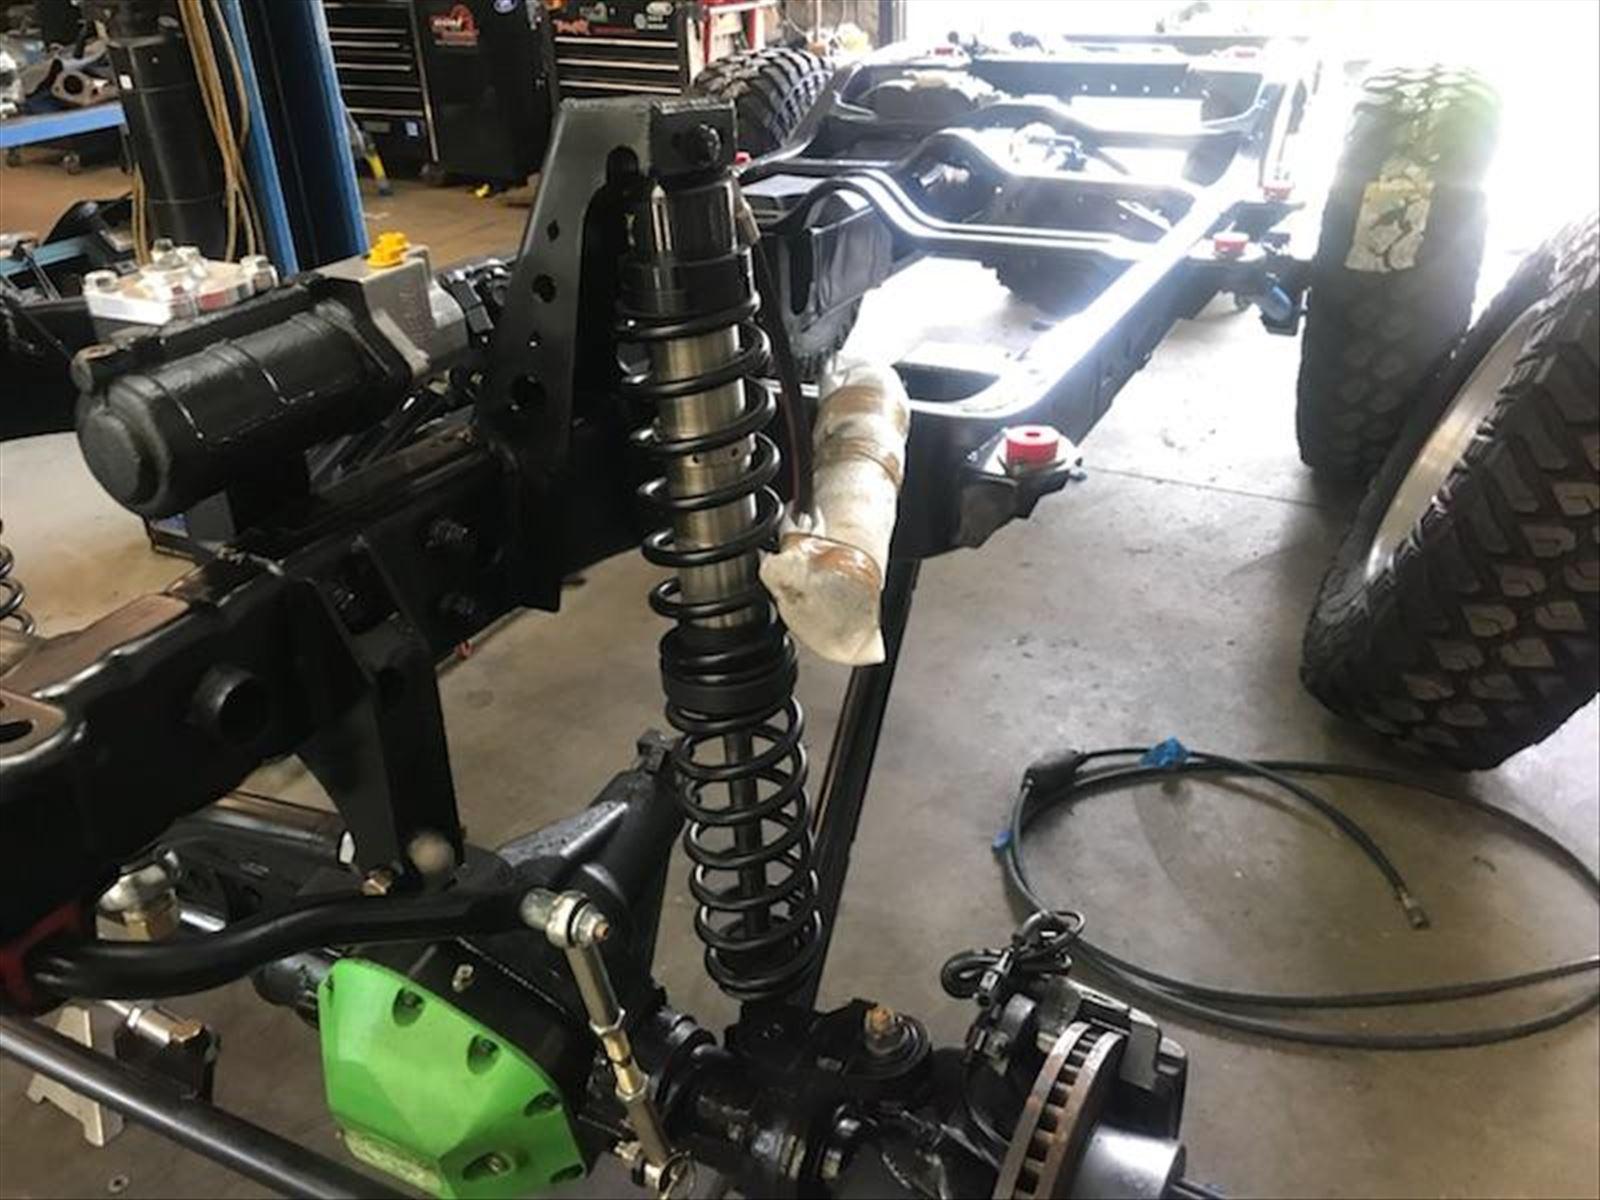 Jeep JK - FAMV-V2 - Powertrain - GM L92 6.2L V8 and 6L80 Photo